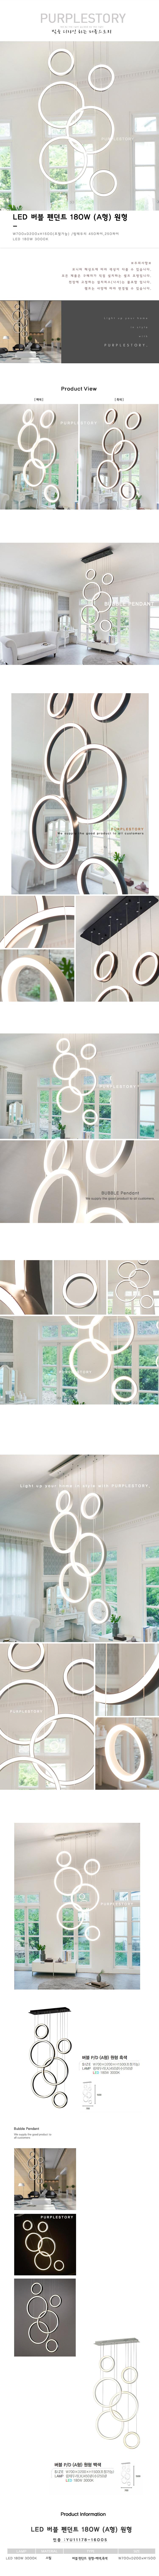 LED 버블  PD 원형 180W (A형) - 퍼플스토리, 1,710,000원, 디자인조명, 팬던트조명